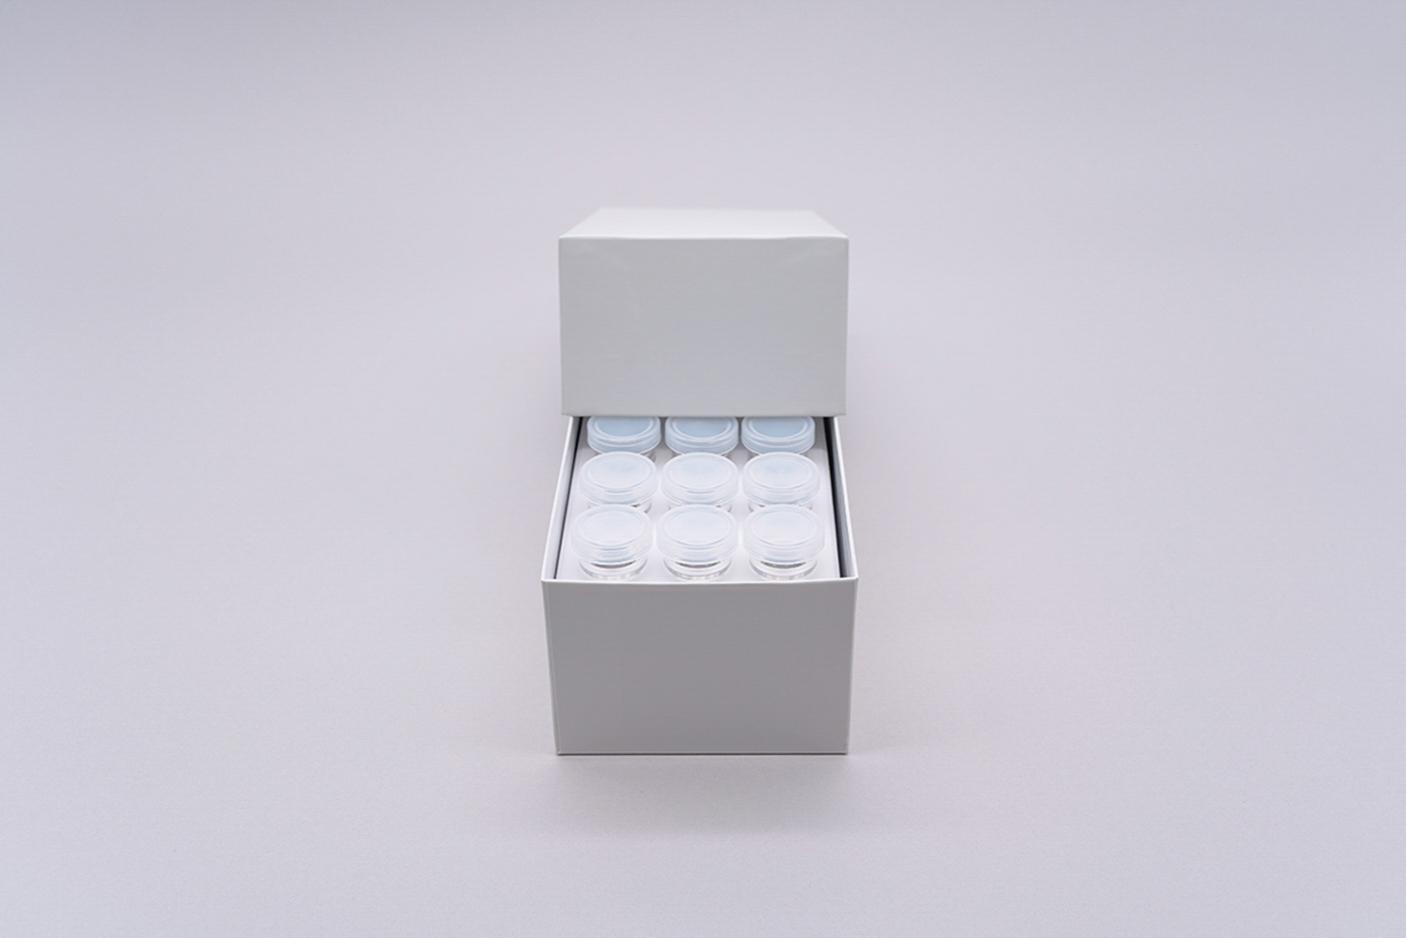 サンプルカップ用 保存 凍結 紙製